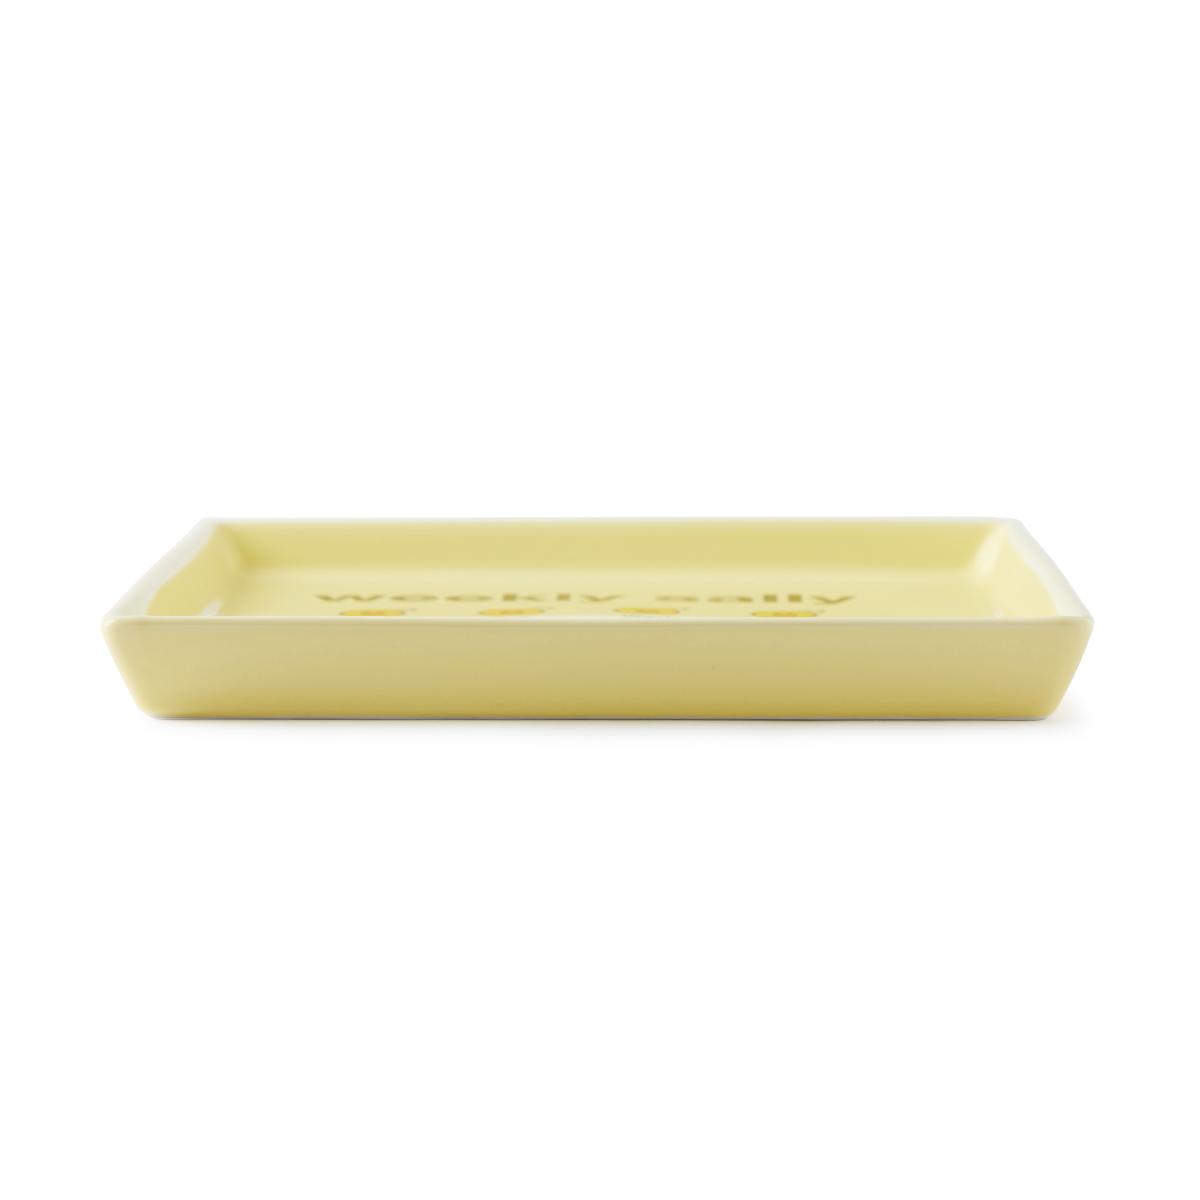 헬베티카 샐리 접시 세트 (2개입)